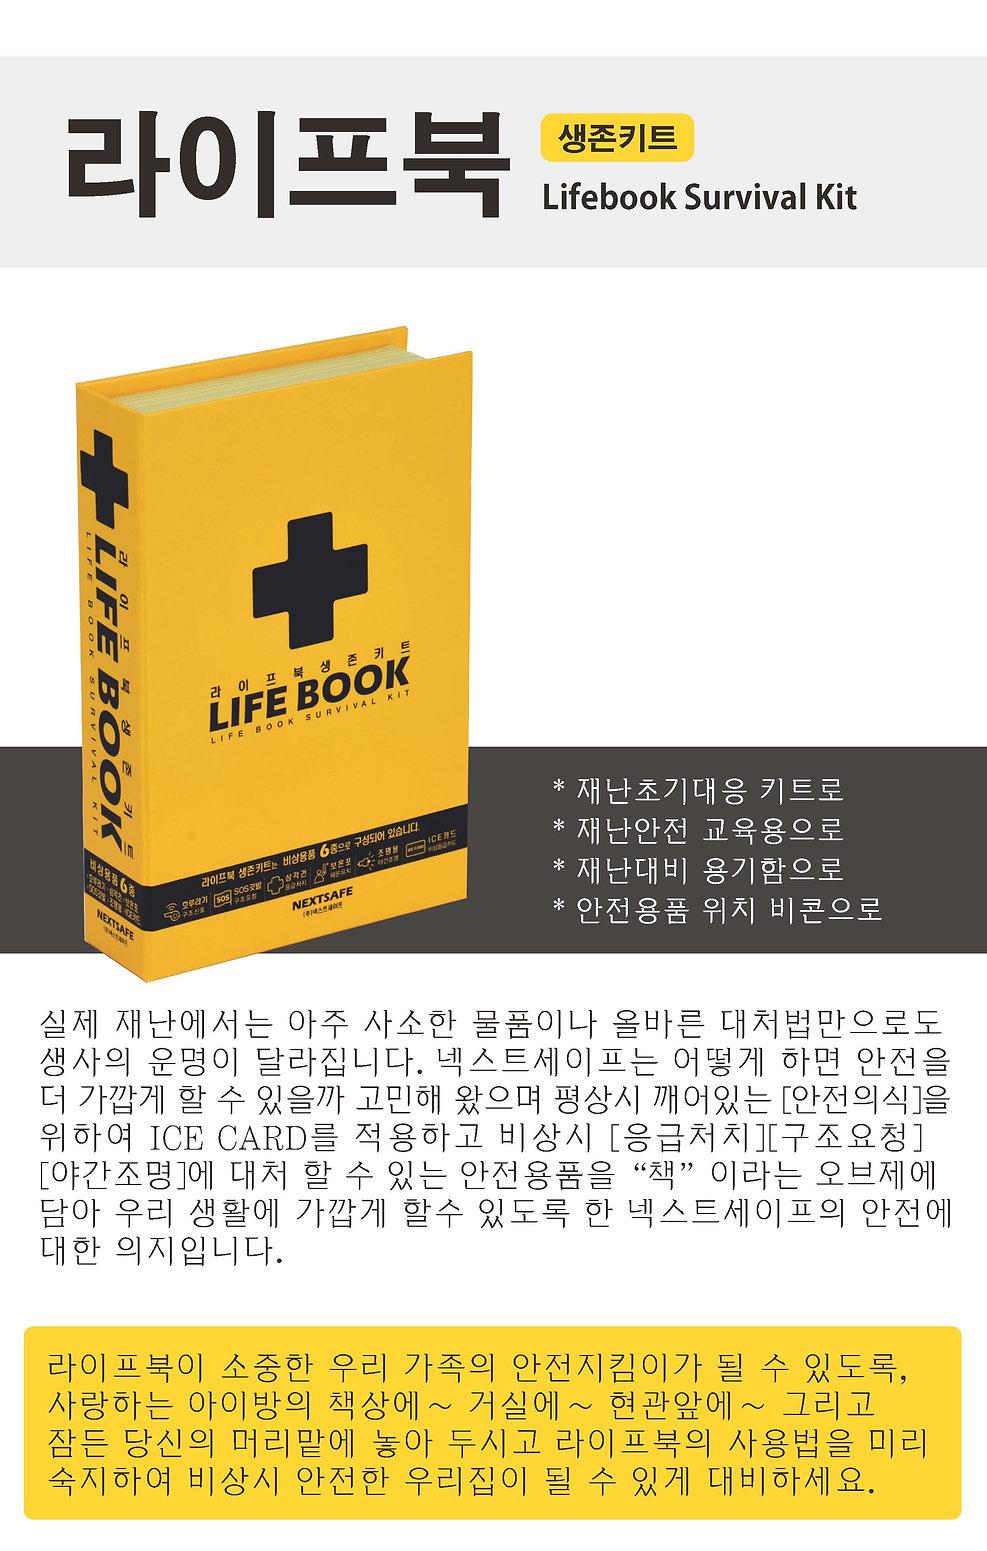 3 온라인 정보-라이프북 생존키트-18-v1e_페이지_02.jpg